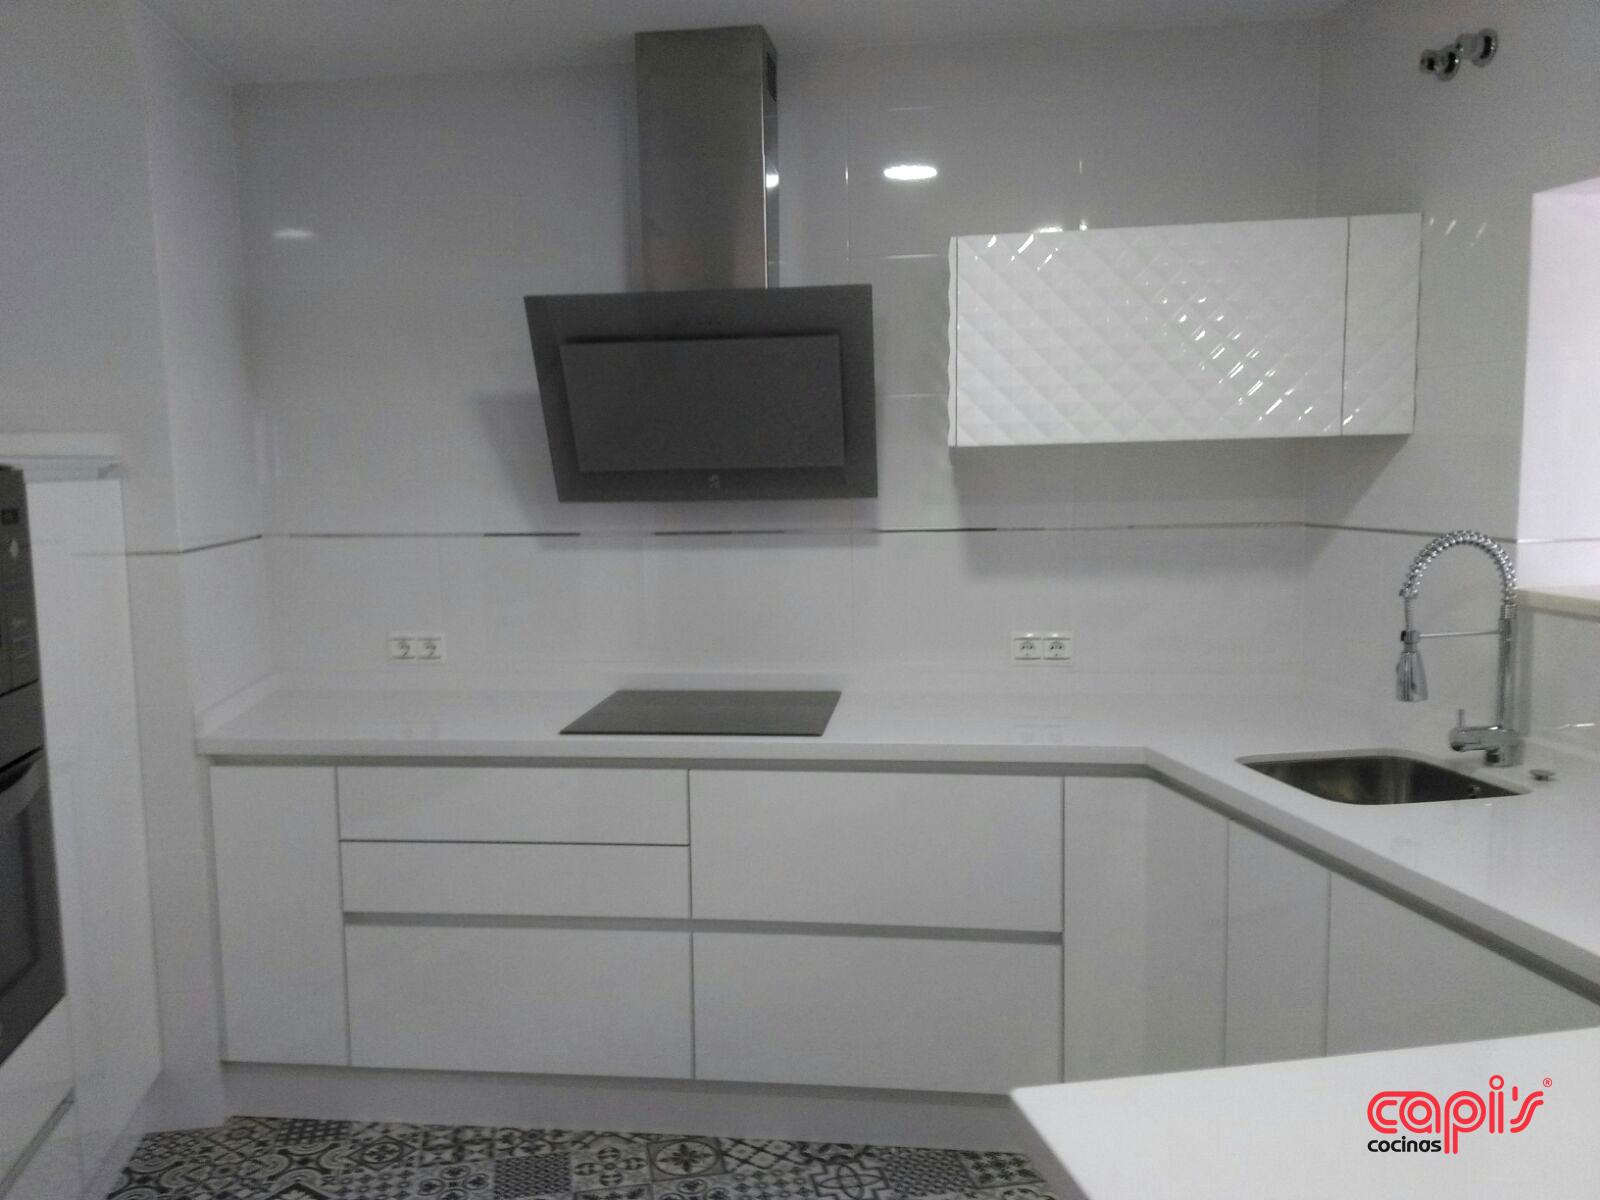 Cocina blanco sobre blanco cocinas capis dise o y fabricaci n de cocinas en huelvacocinas - Cocinas lacadas en blanco ...